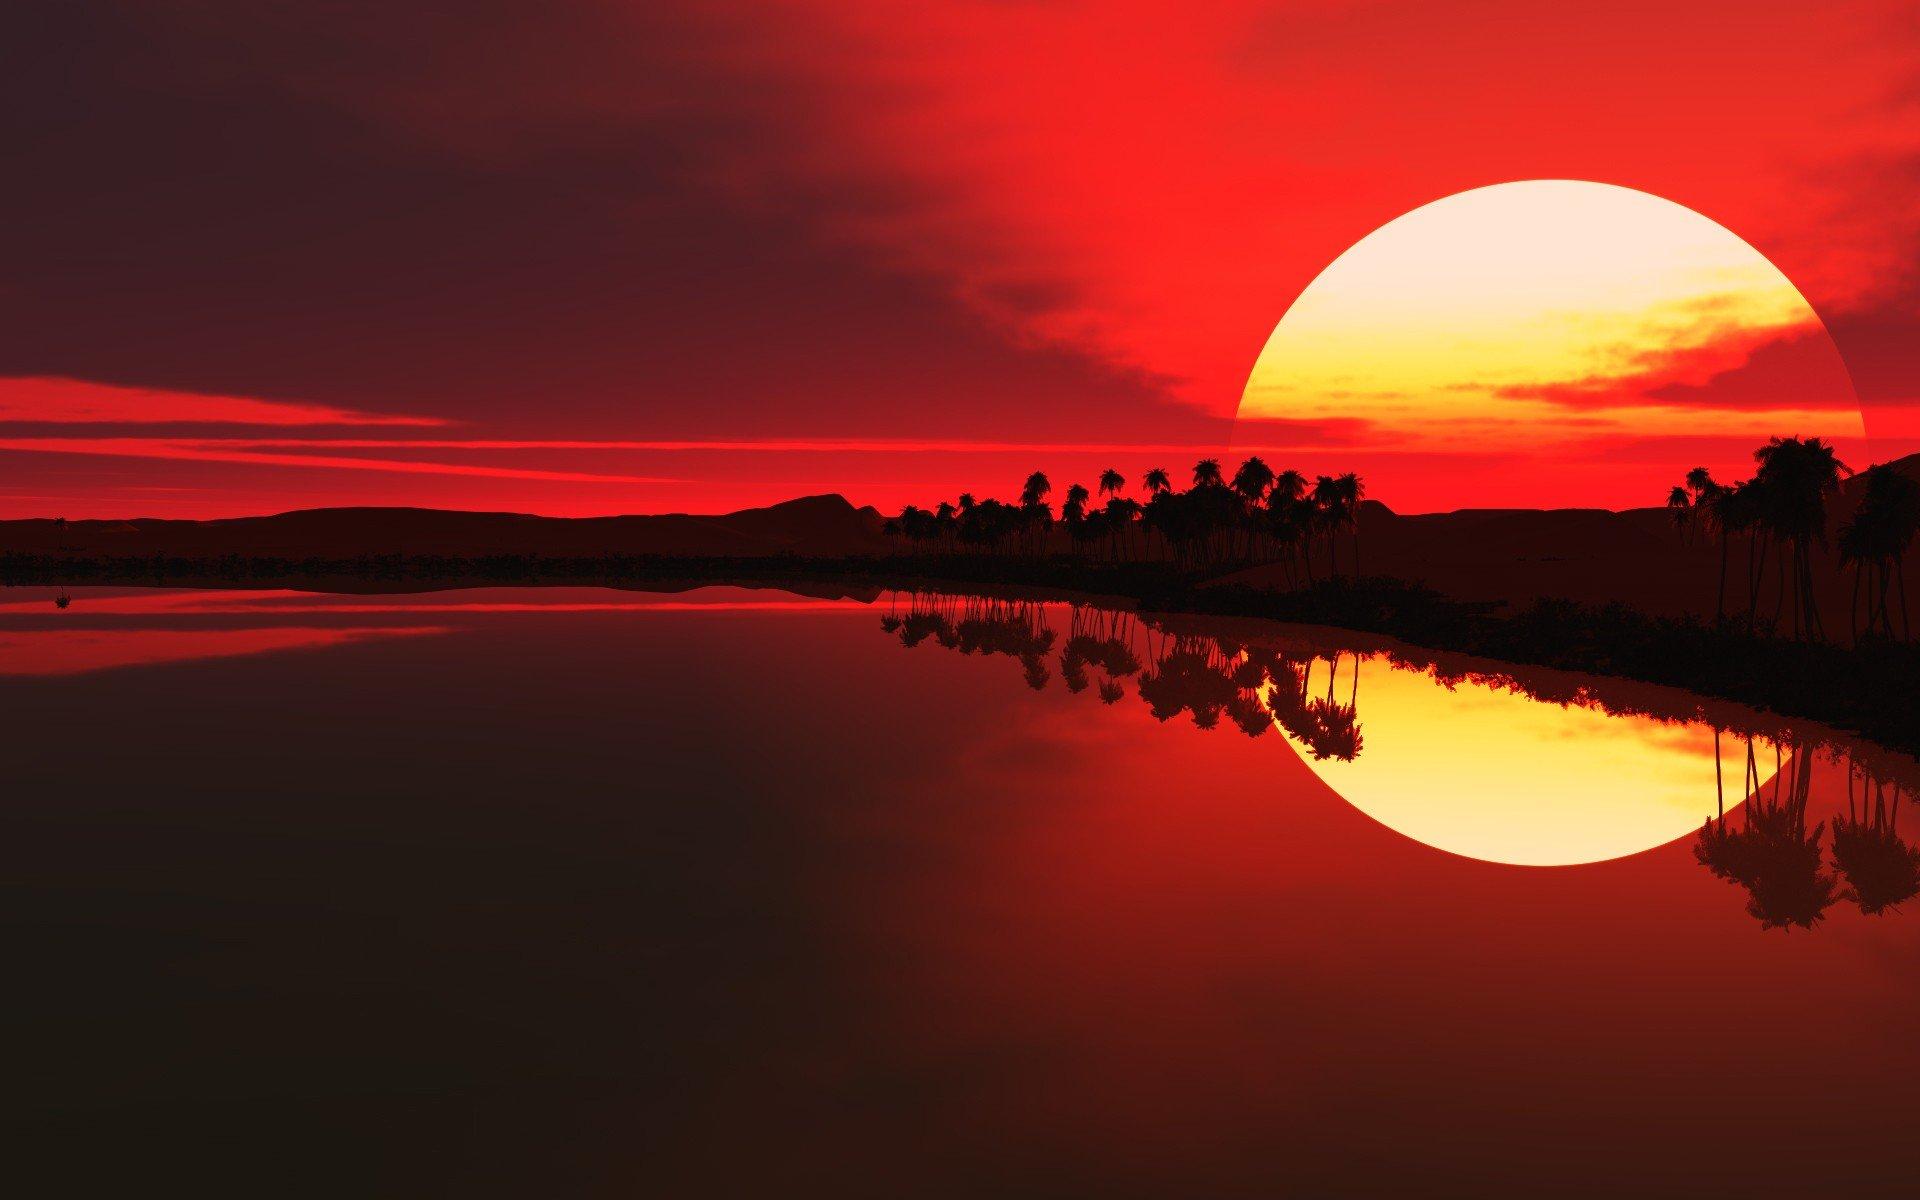 рисунок закат фоновый